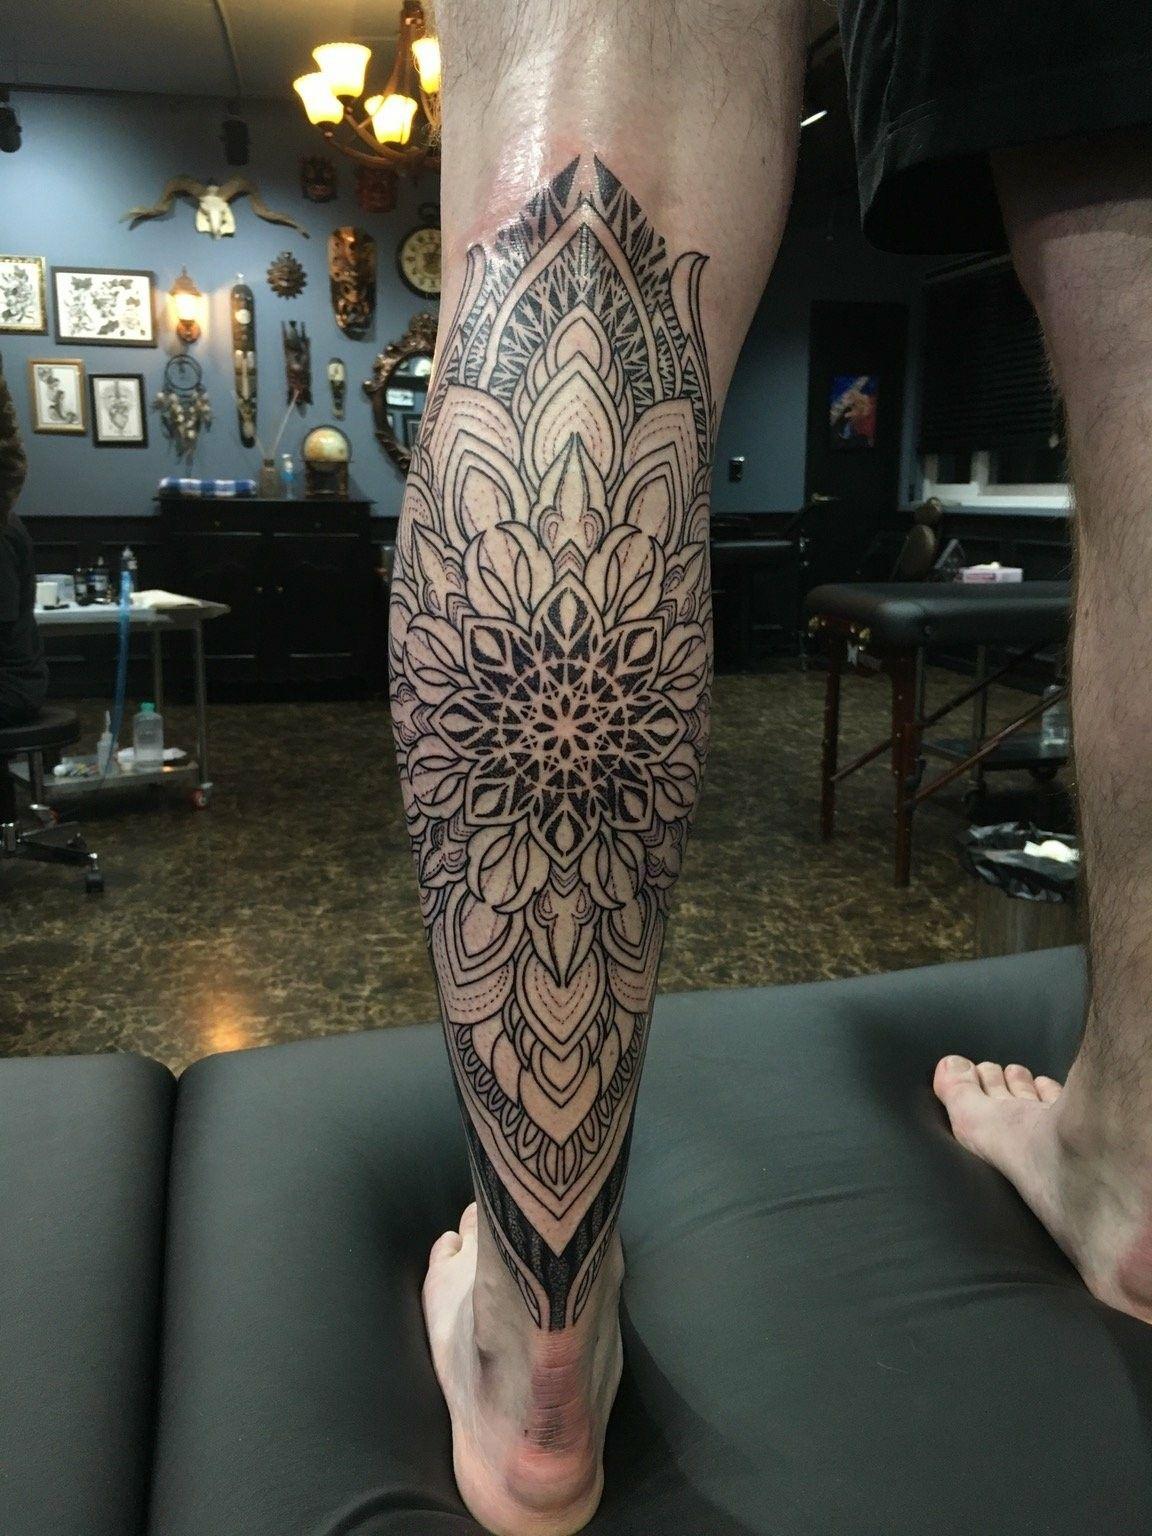 Magnifiek Pin by Kay Gillessen on Tattoo | Tatoeage ideeën, Mandala tattoo #KN26